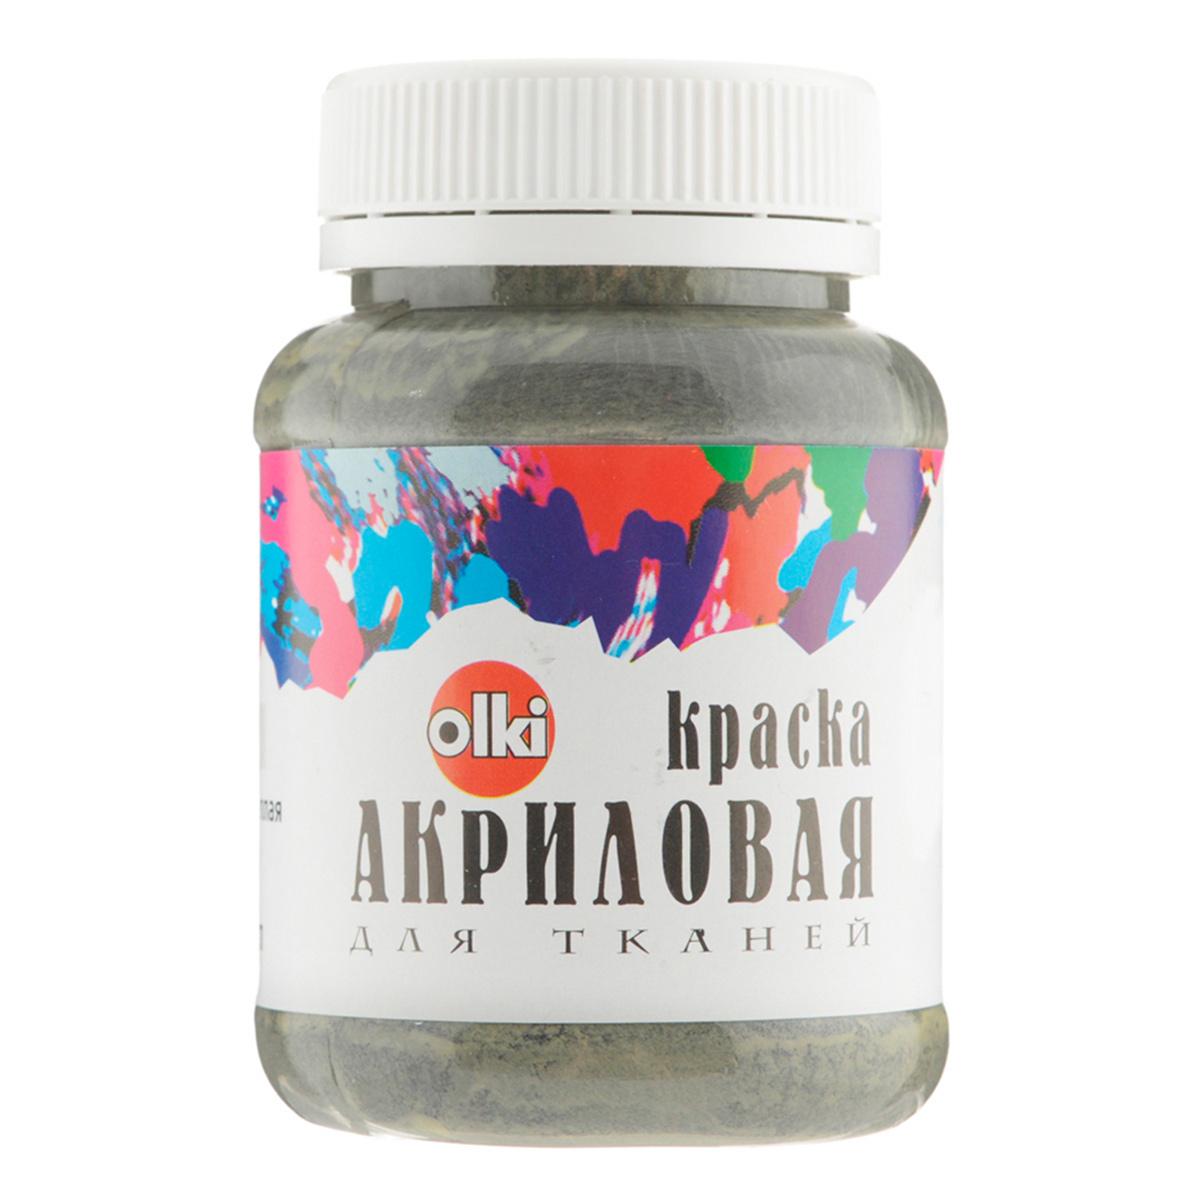 Акриловая краска для ткани